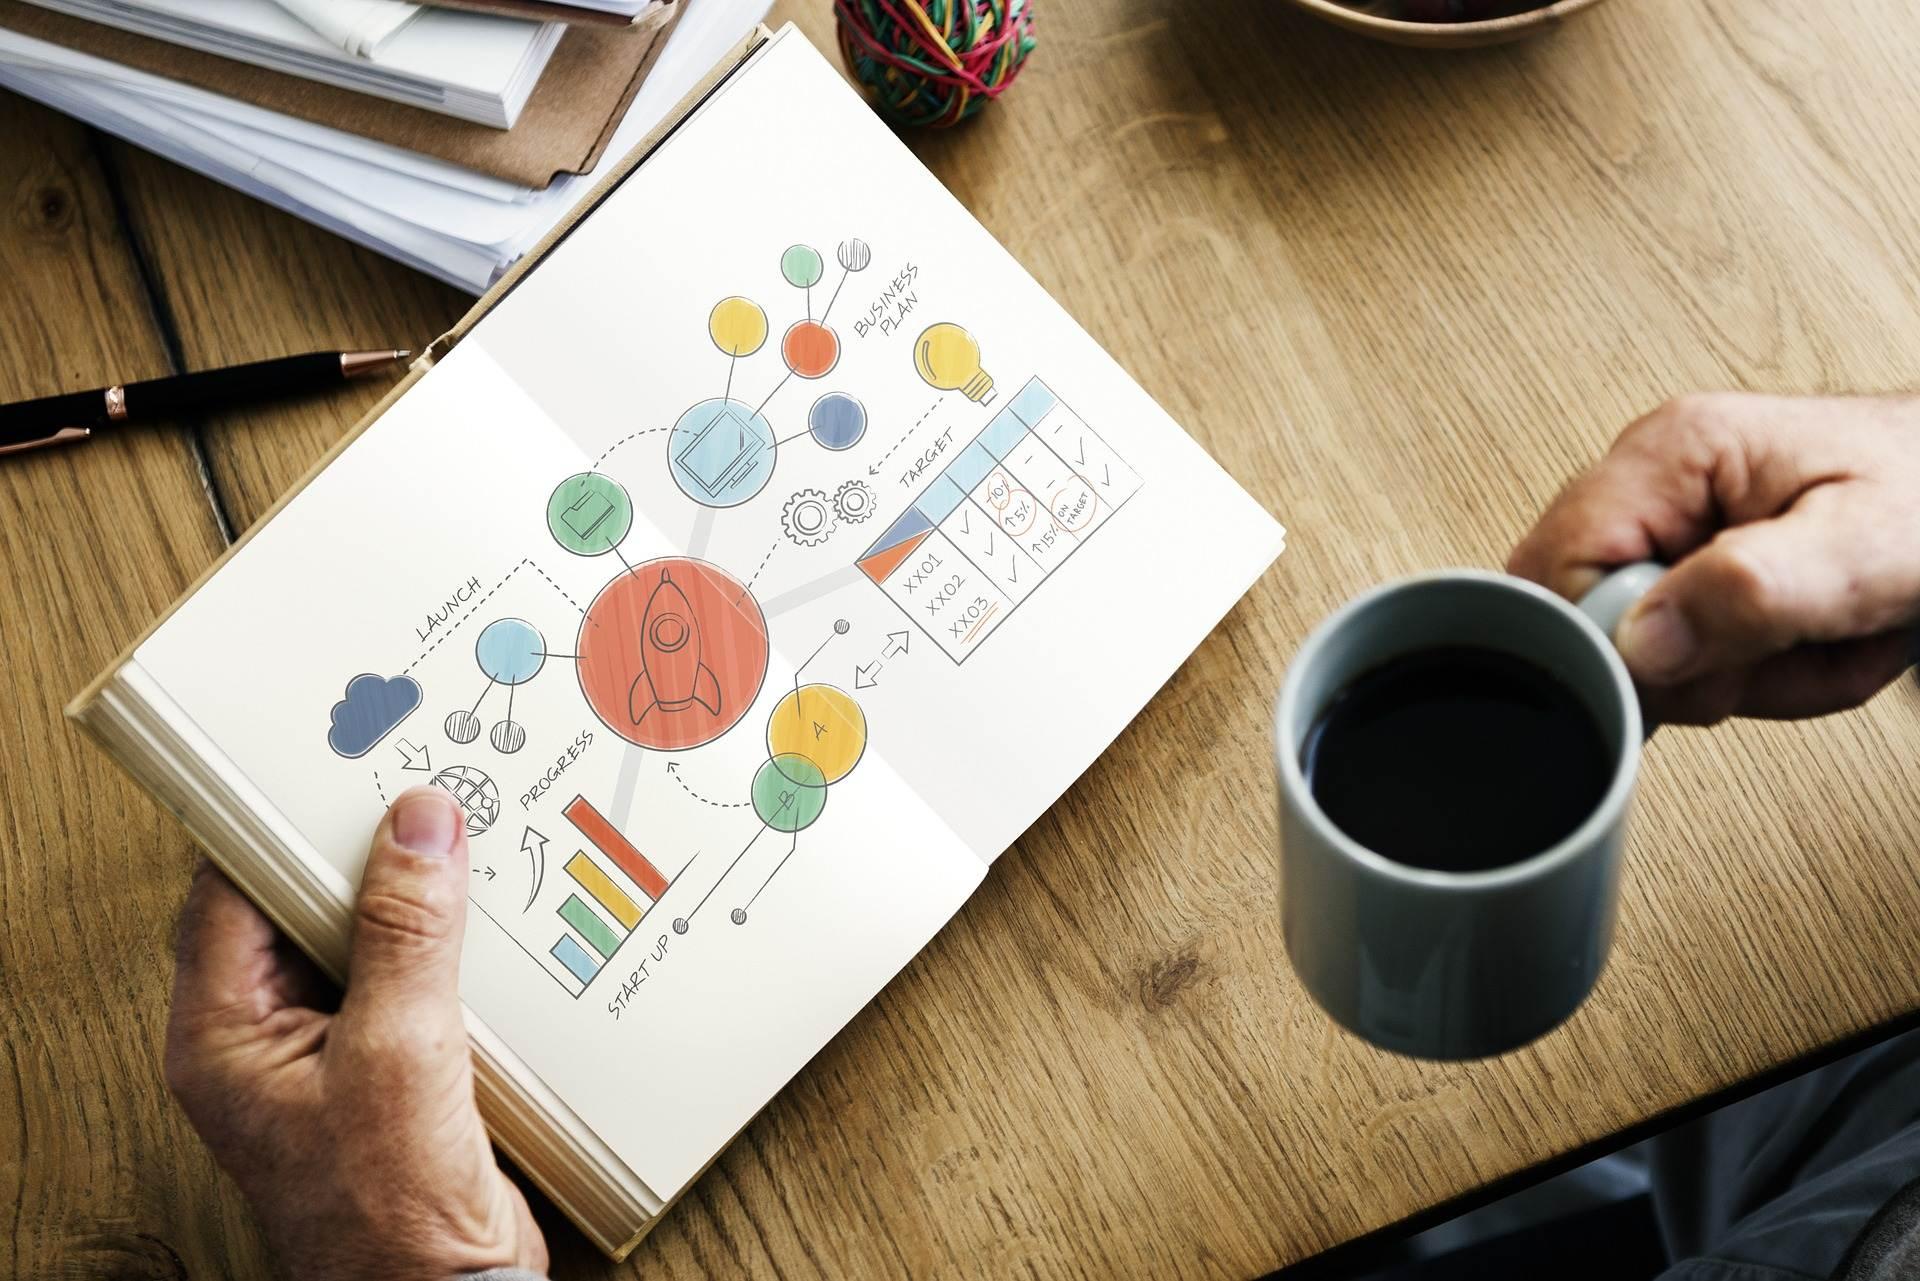 Estar por dentro das tendências de mercado é ideal antes de abrir um negócio   Foto: Ilustrativa